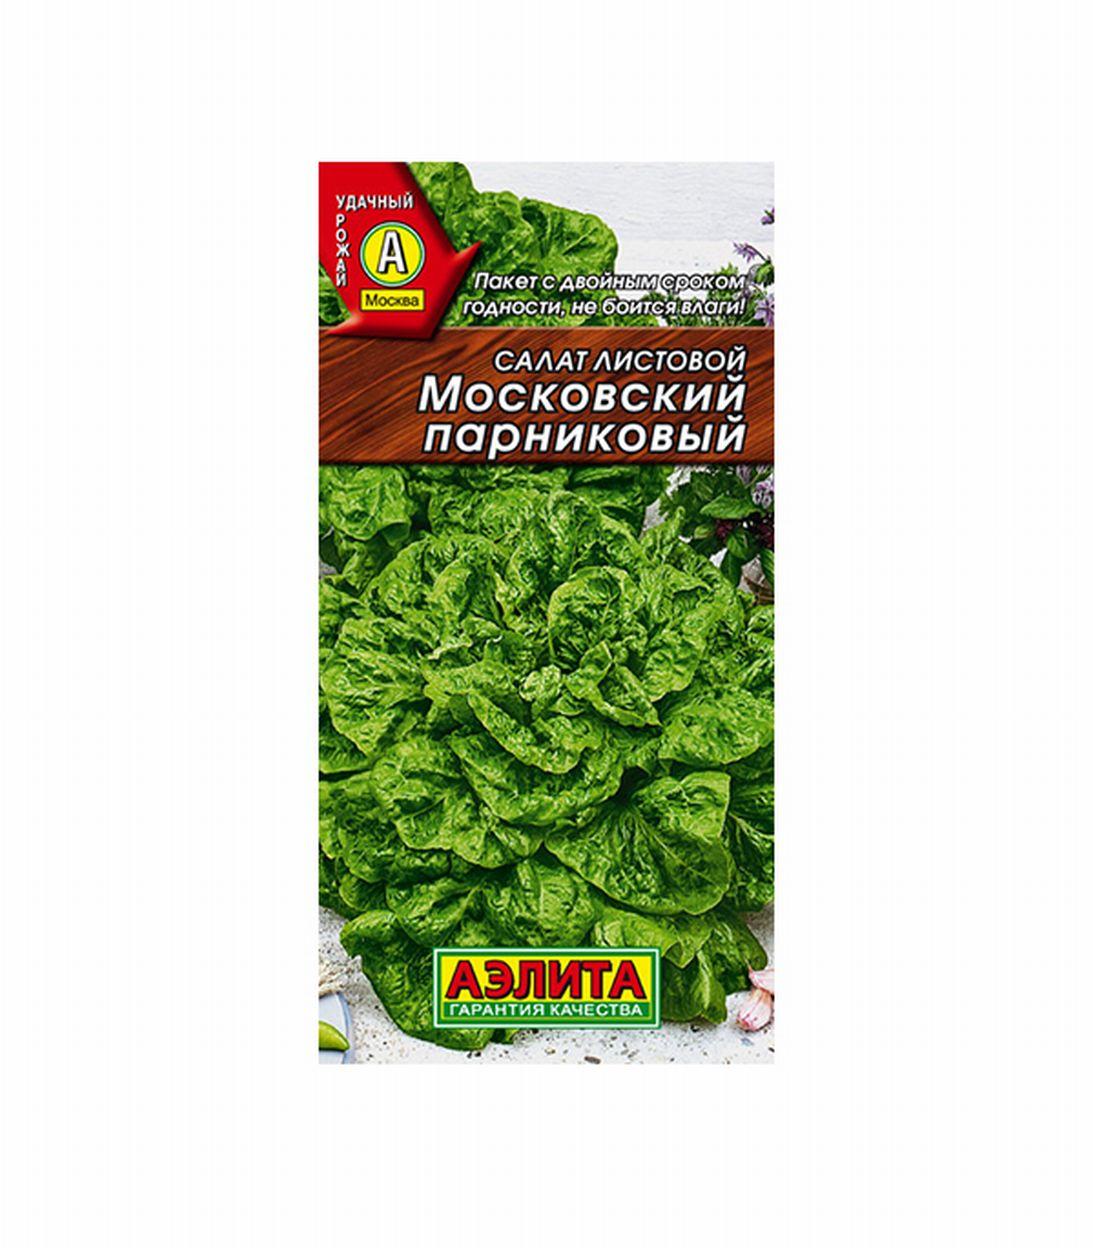 Салат Московский парниковый листовой Аэлита фото